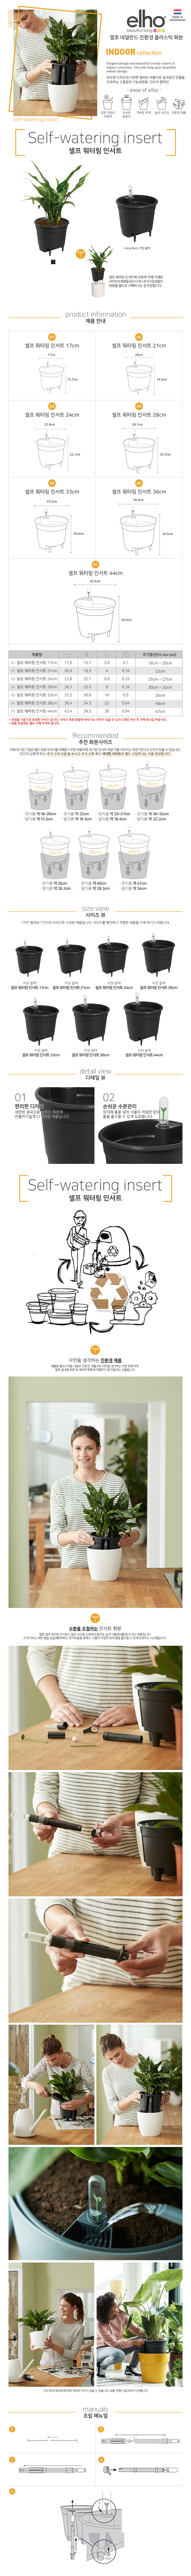 [엘호 elho] 셀프 워터링 인서트 화분(24cm) - 엘호, 19,400원, 공화분, 디자인화분